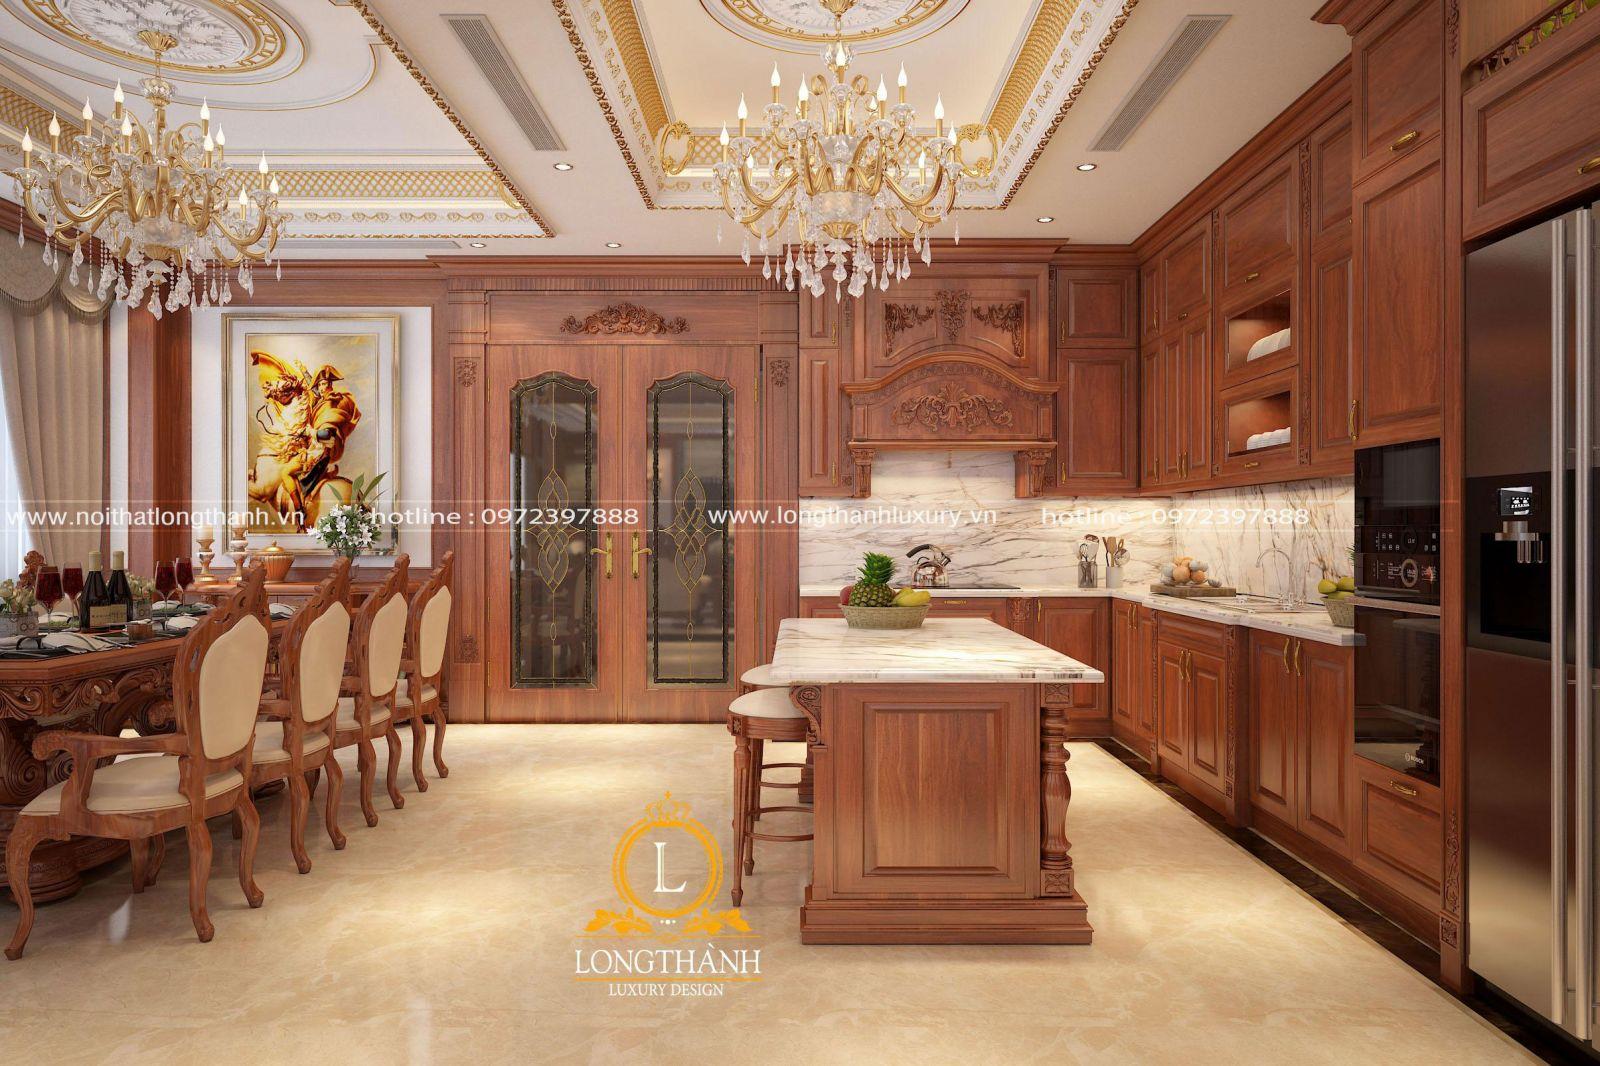 Diện tích rộng nên bộ tủ bếp được bố trí cùng bộ bàn ăn cùng phong cách tân cổ điển